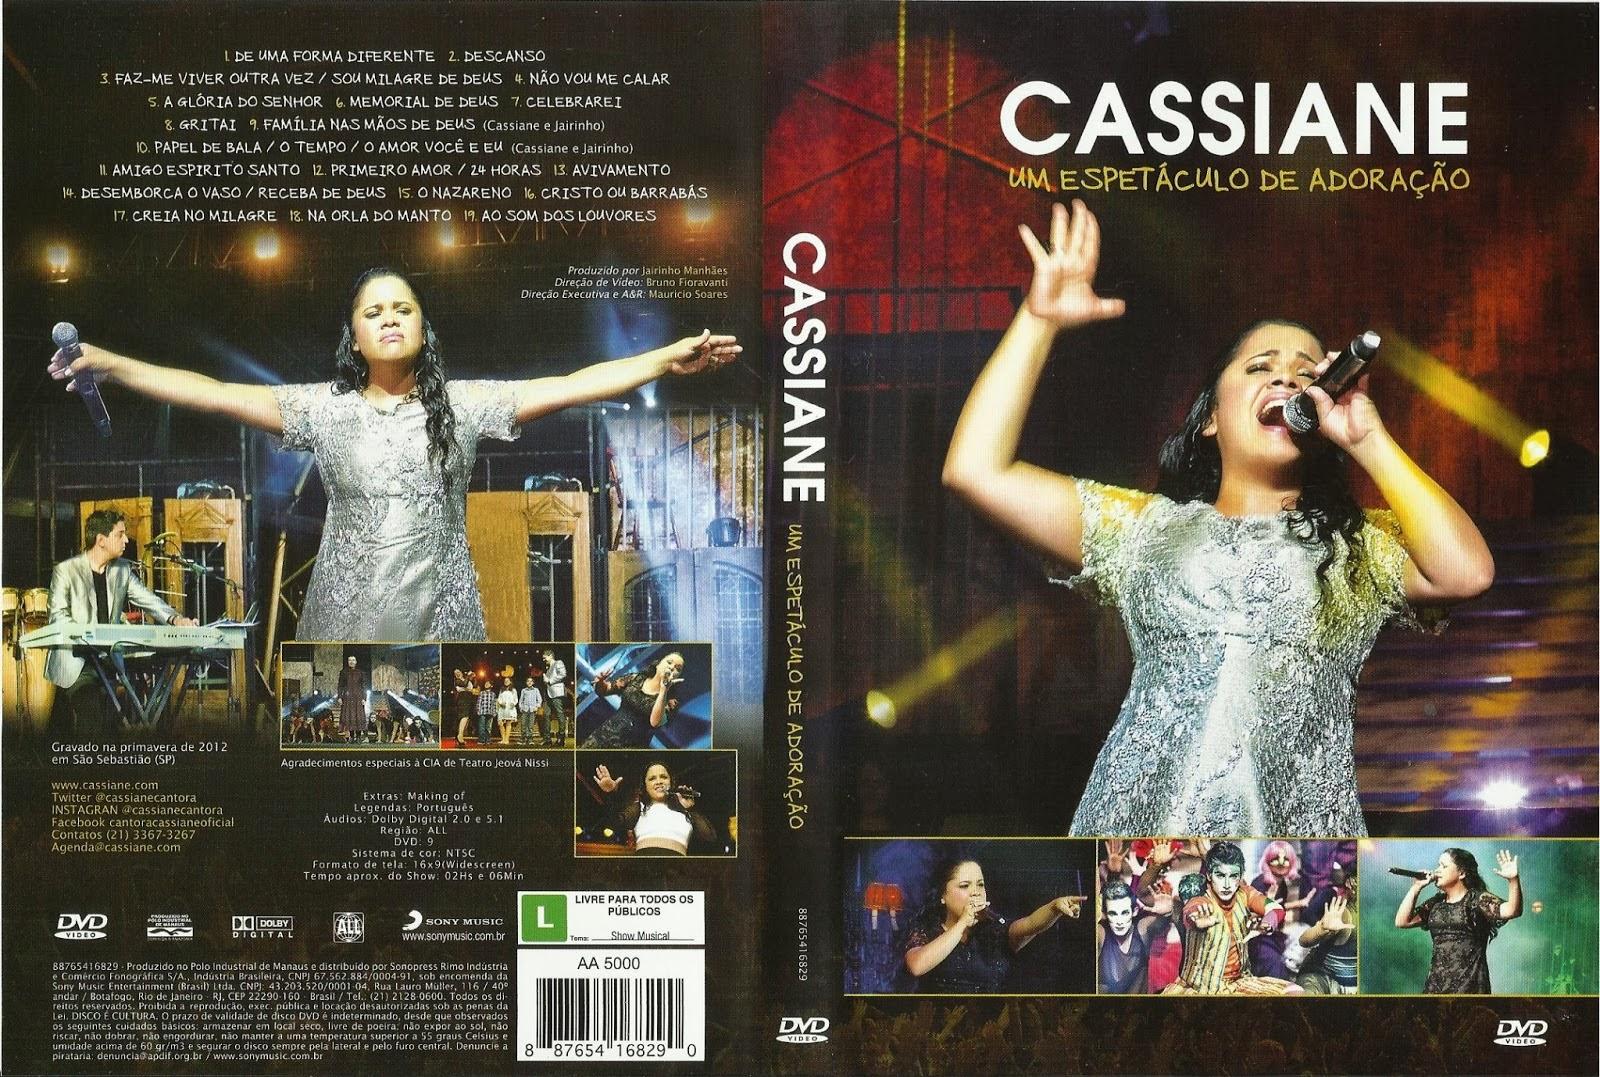 VASO GRÁTIS DOWNLOAD DESEMBOCA MUSICA CASSIANE O